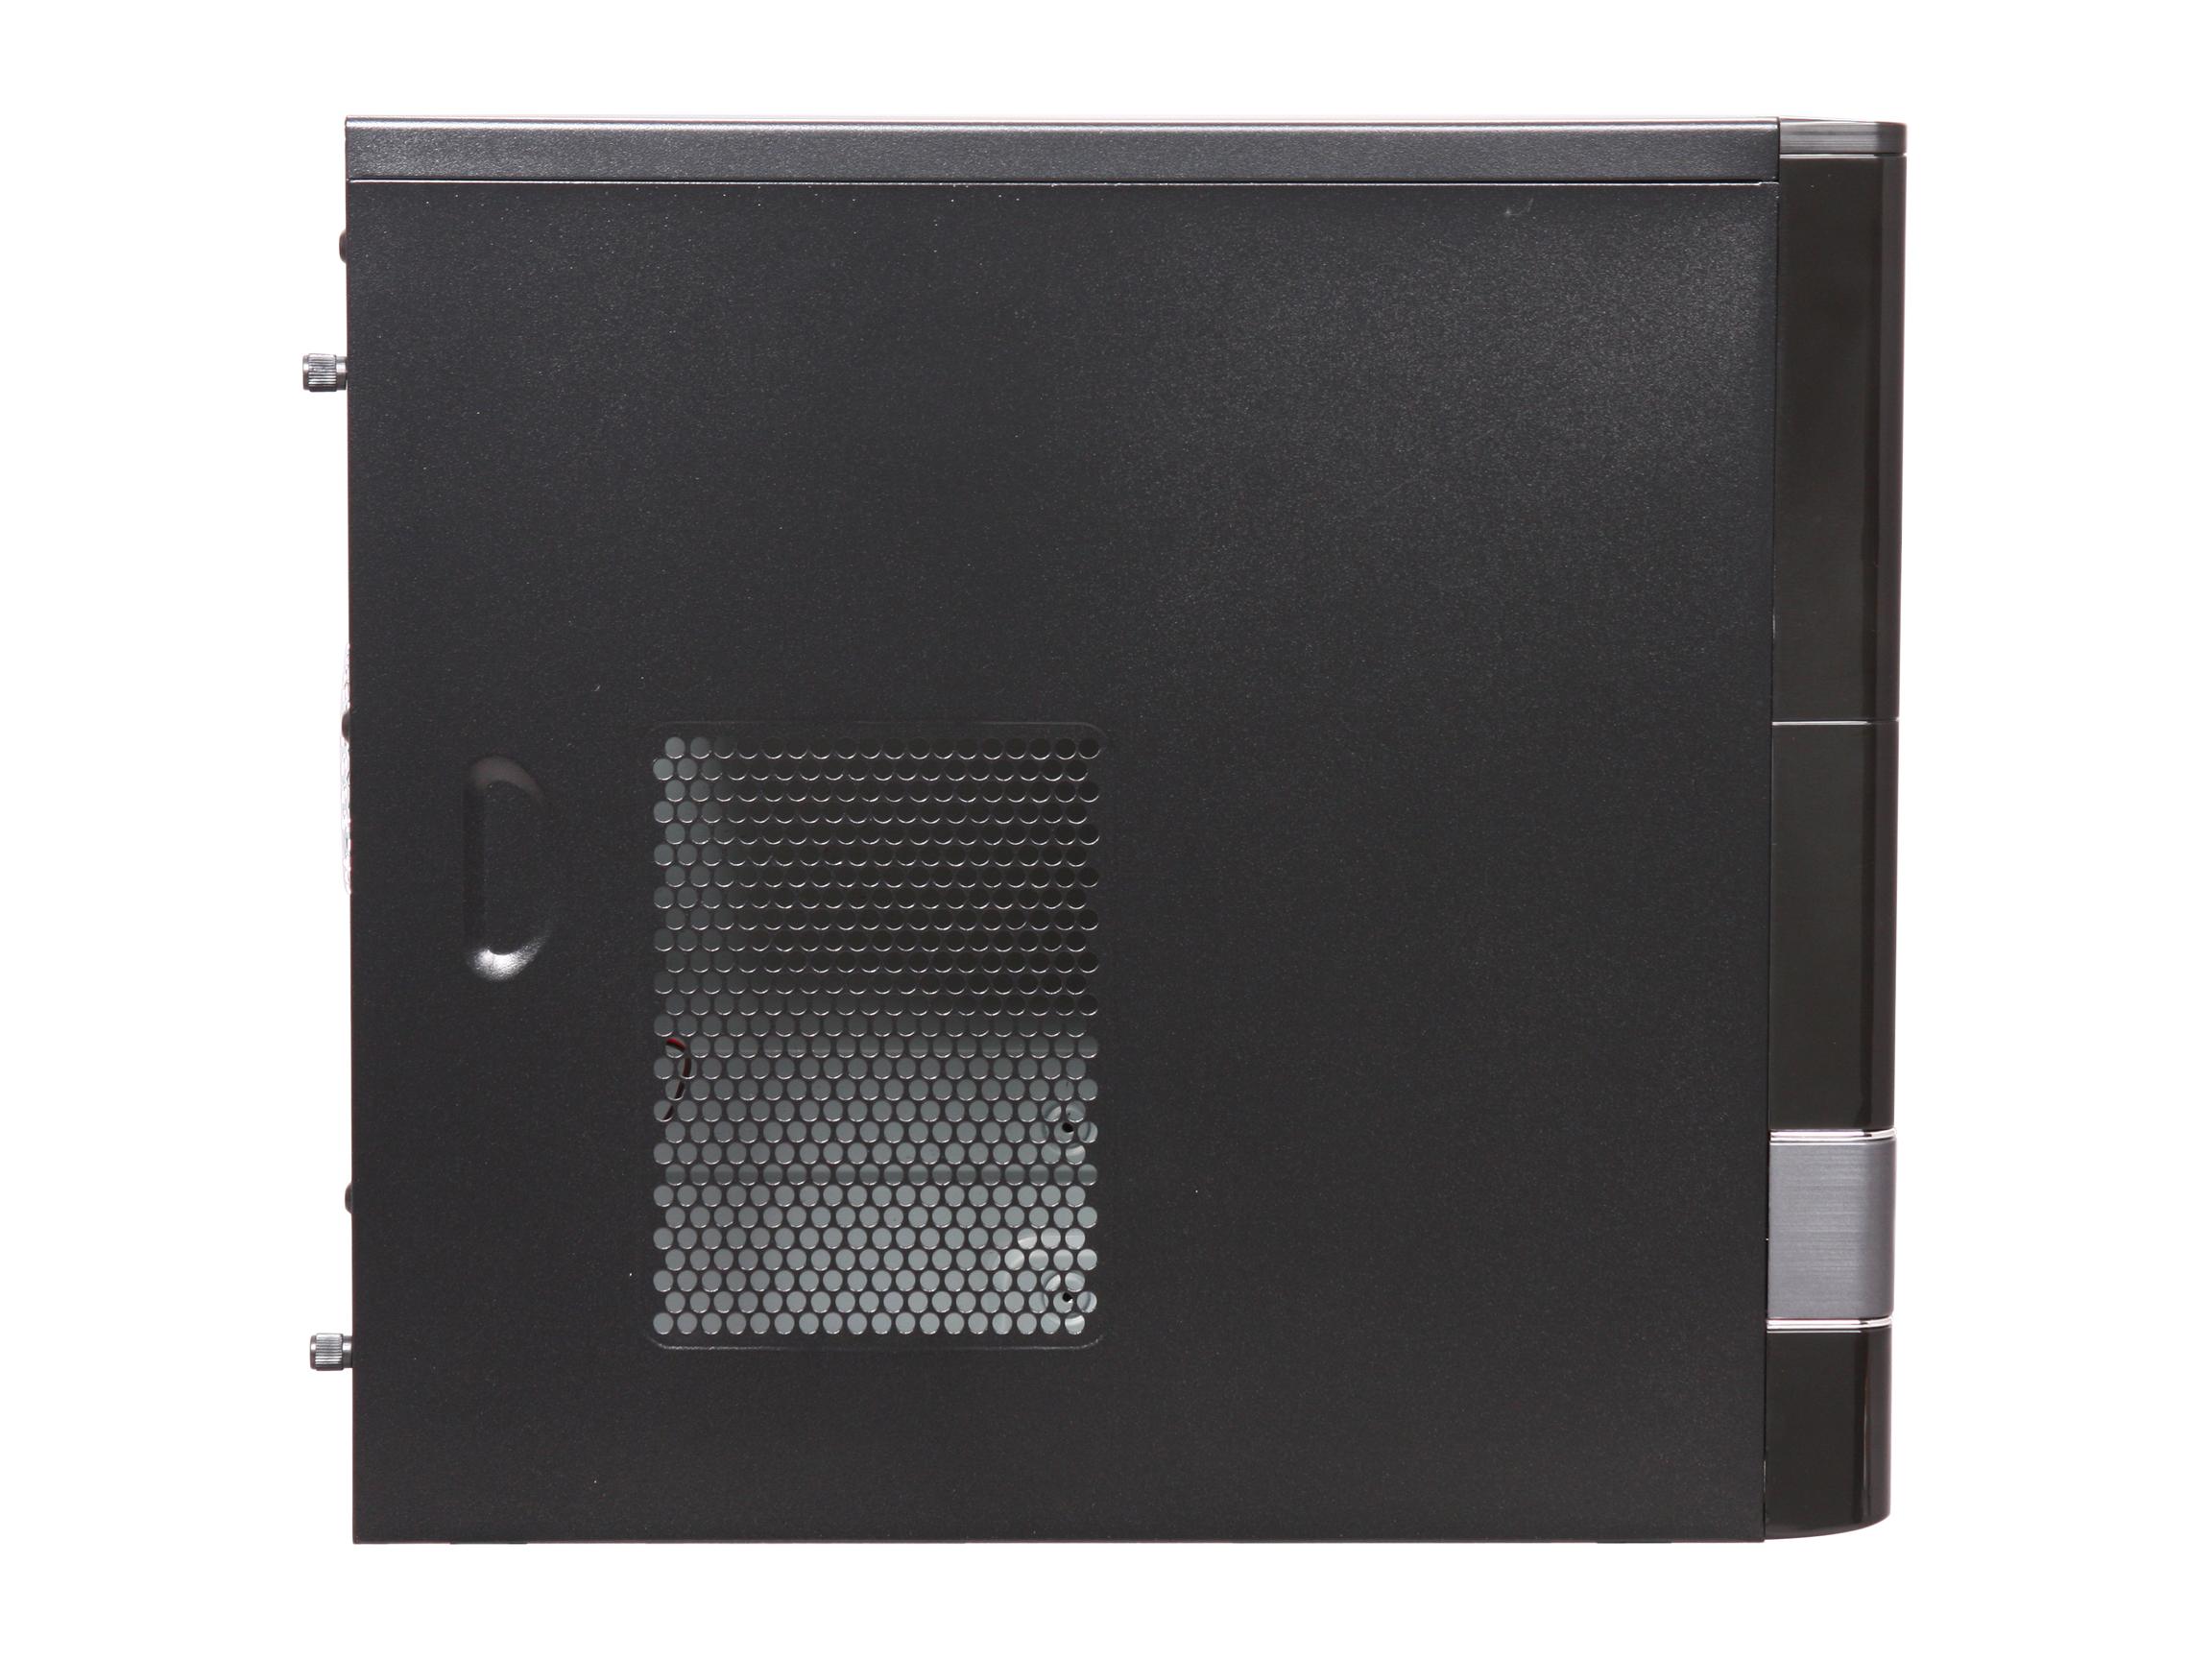 Rosewill Fbm 01 Dual Fans Microatx Mini Tower Black